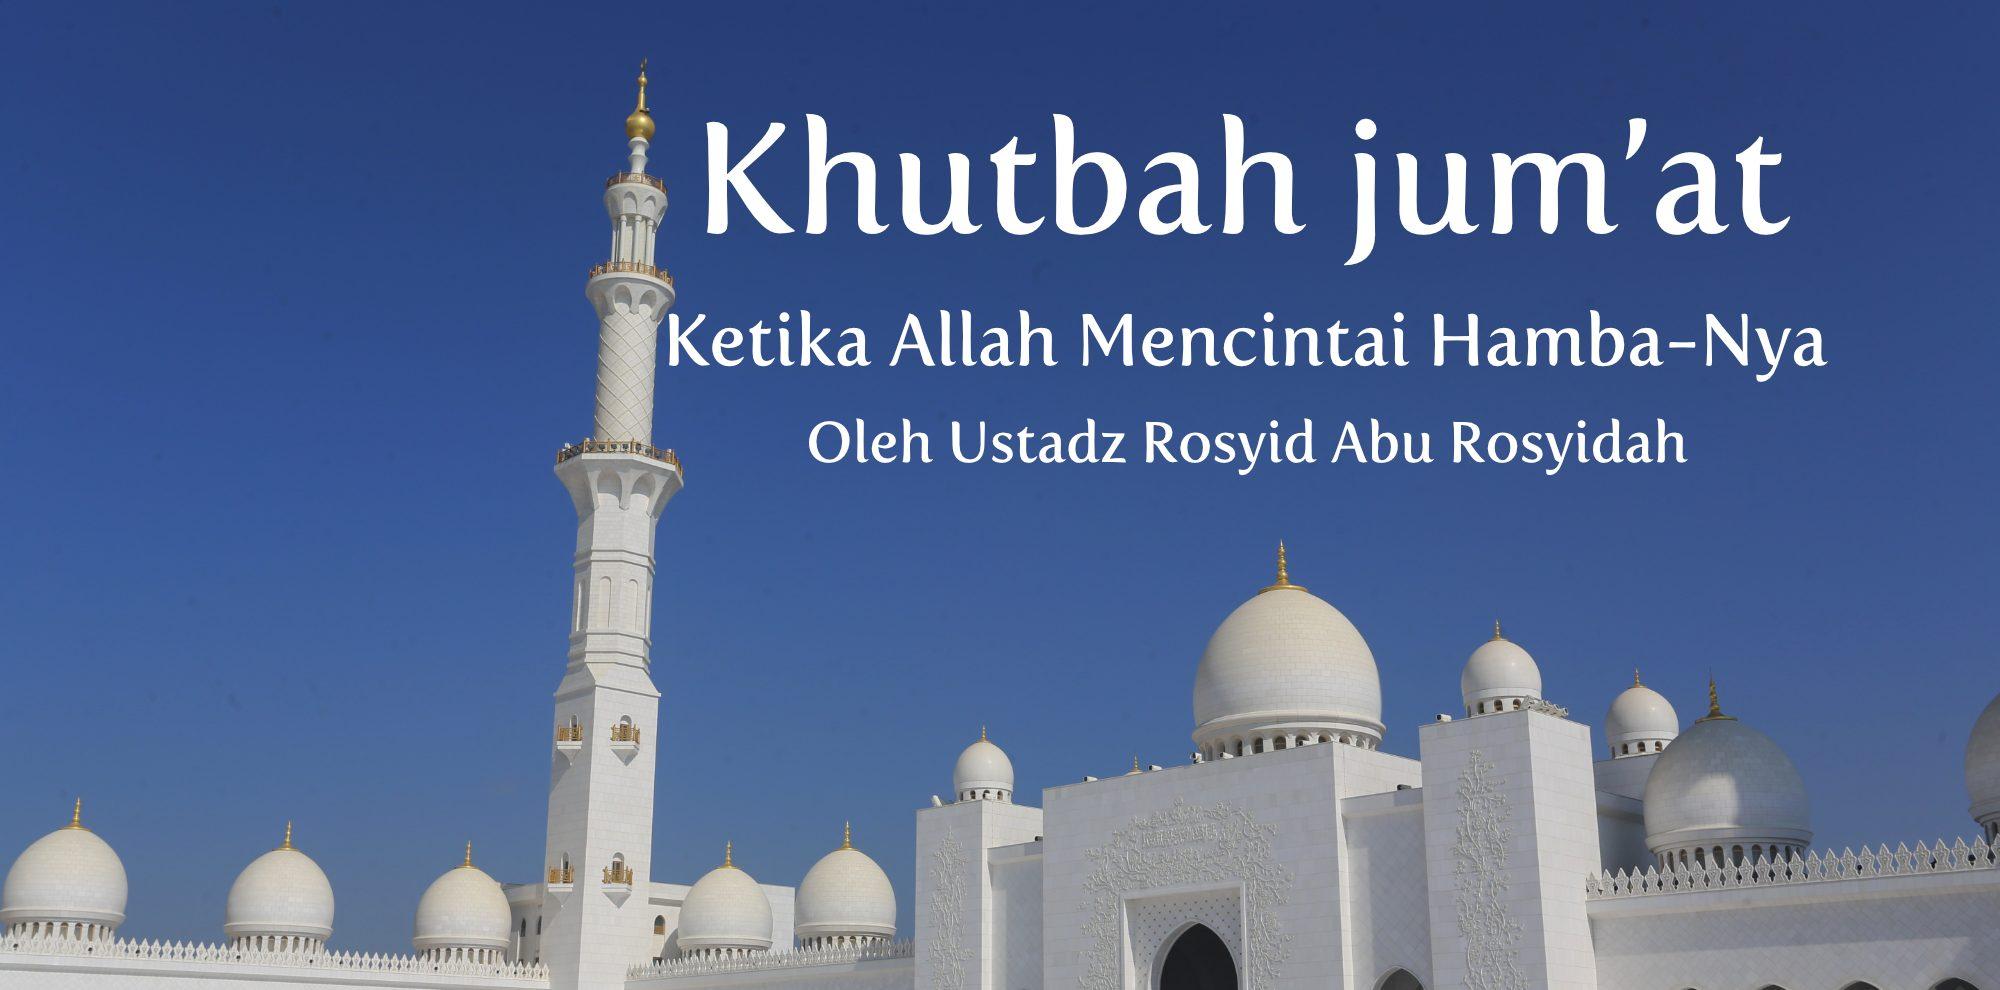 Khutbah jum'at Ketika Allah Mencintai Hamba-Nya bimbingan islam